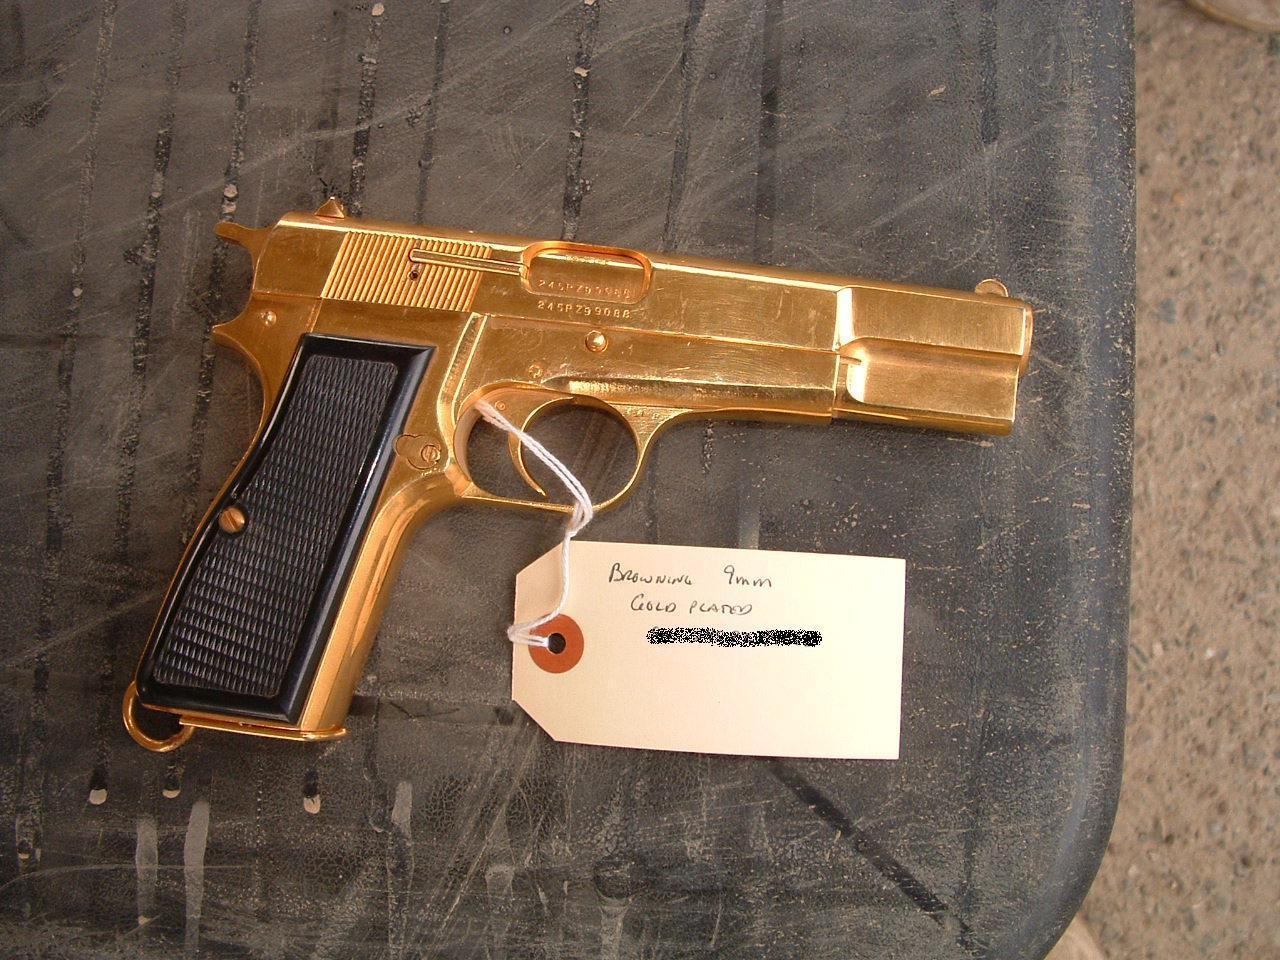 pre sle machine guns for sale